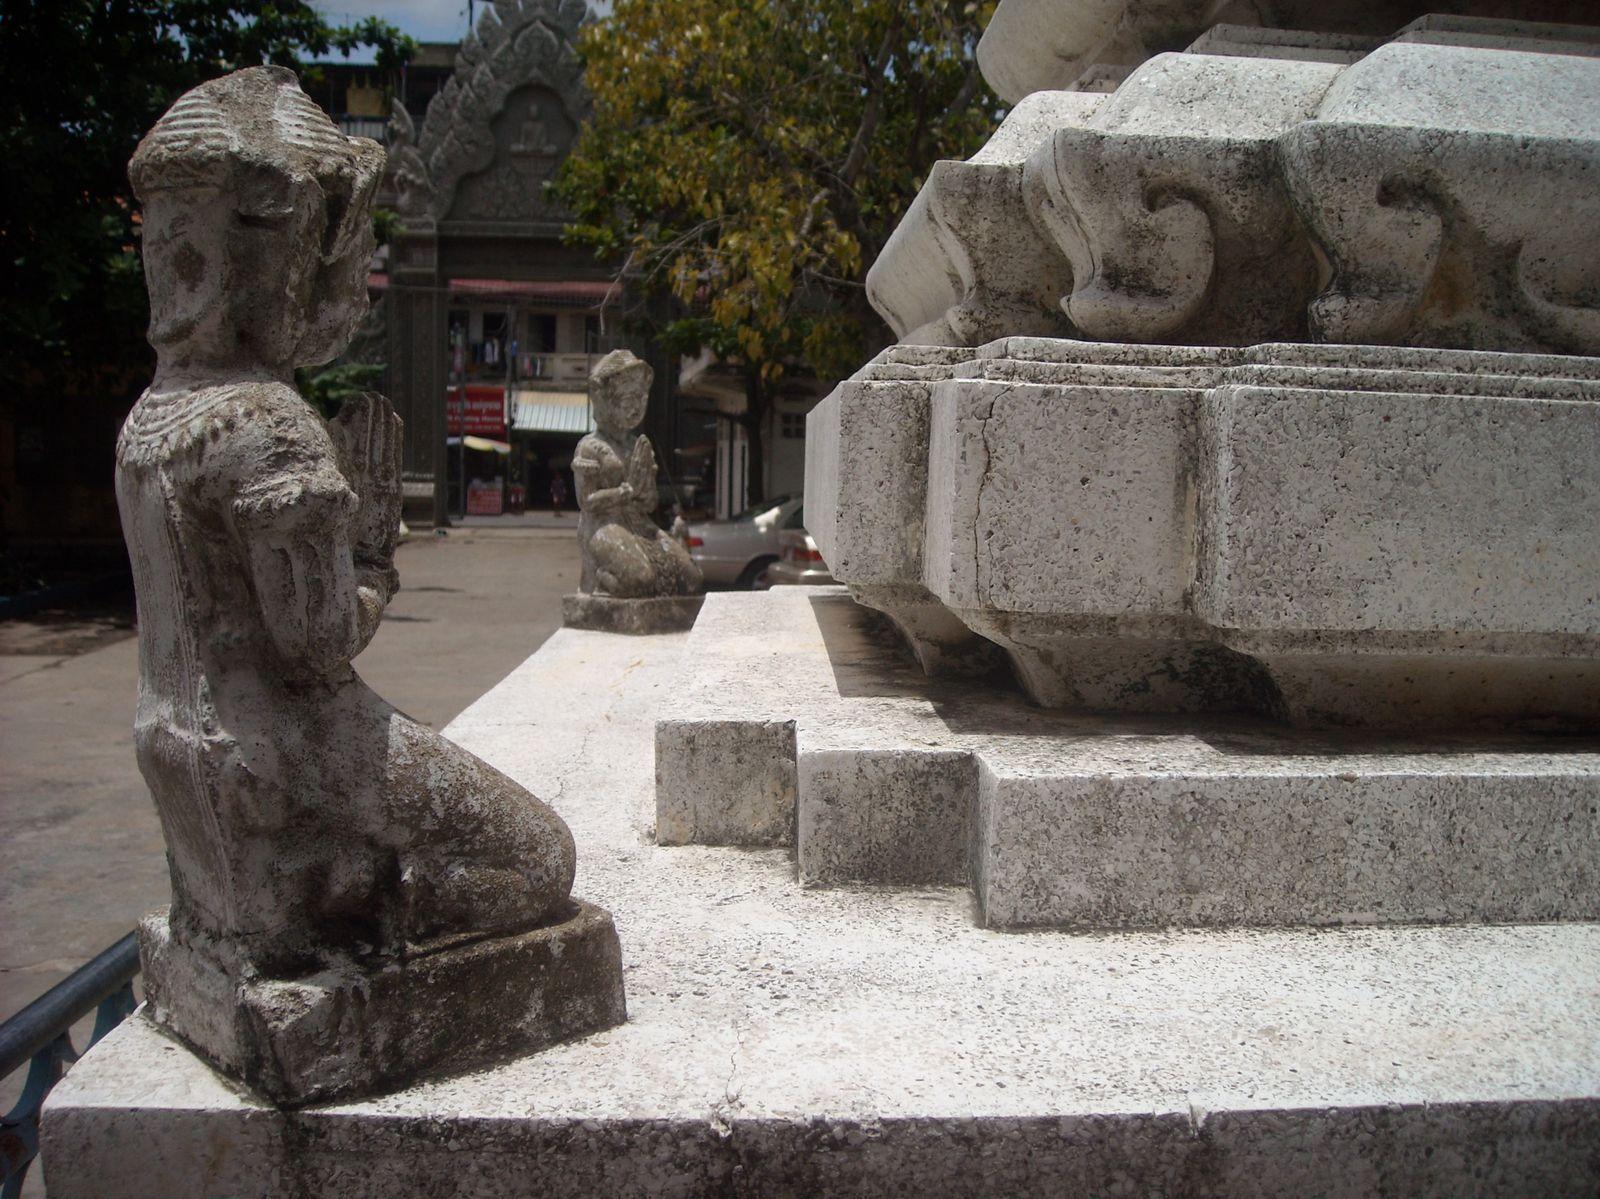 1. et 2. Le Stupa  3.à 6. Wat Koh (de jolies et moins jolies choses)  7. à 9. Wat Sompov  10. et 11. Wat Preah Puth  12. So many fruits!!!  13. à 15. Wat Mohamontrei  16. et 17. Il pleut un peu ici!